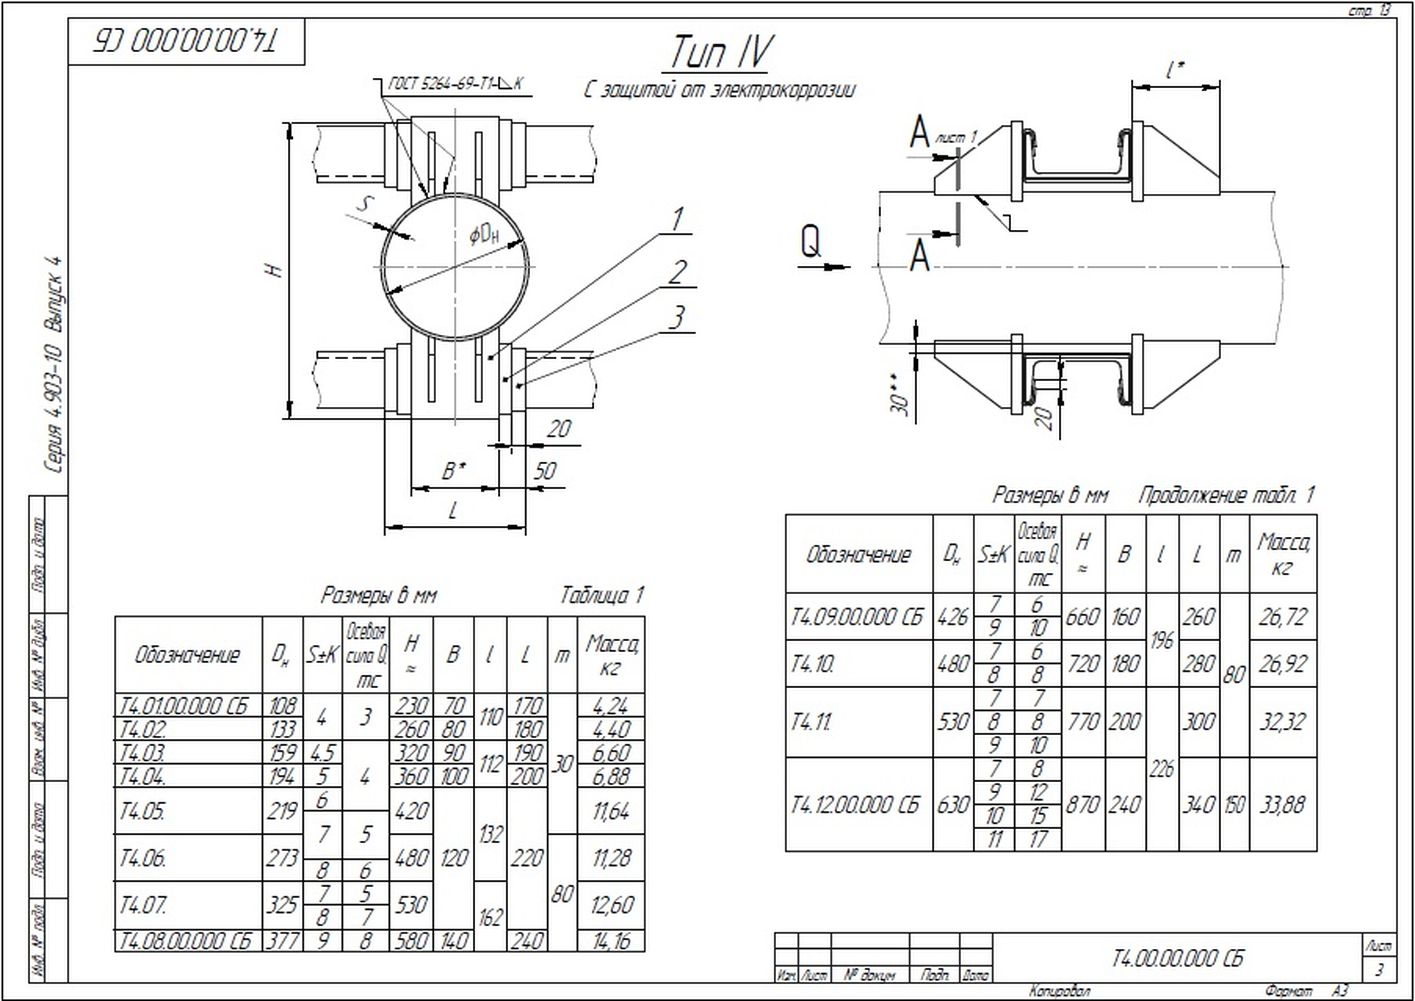 Опора неподвижная лобовая двухупорная Т4 серия 4.903-10 вып.4 стр.3